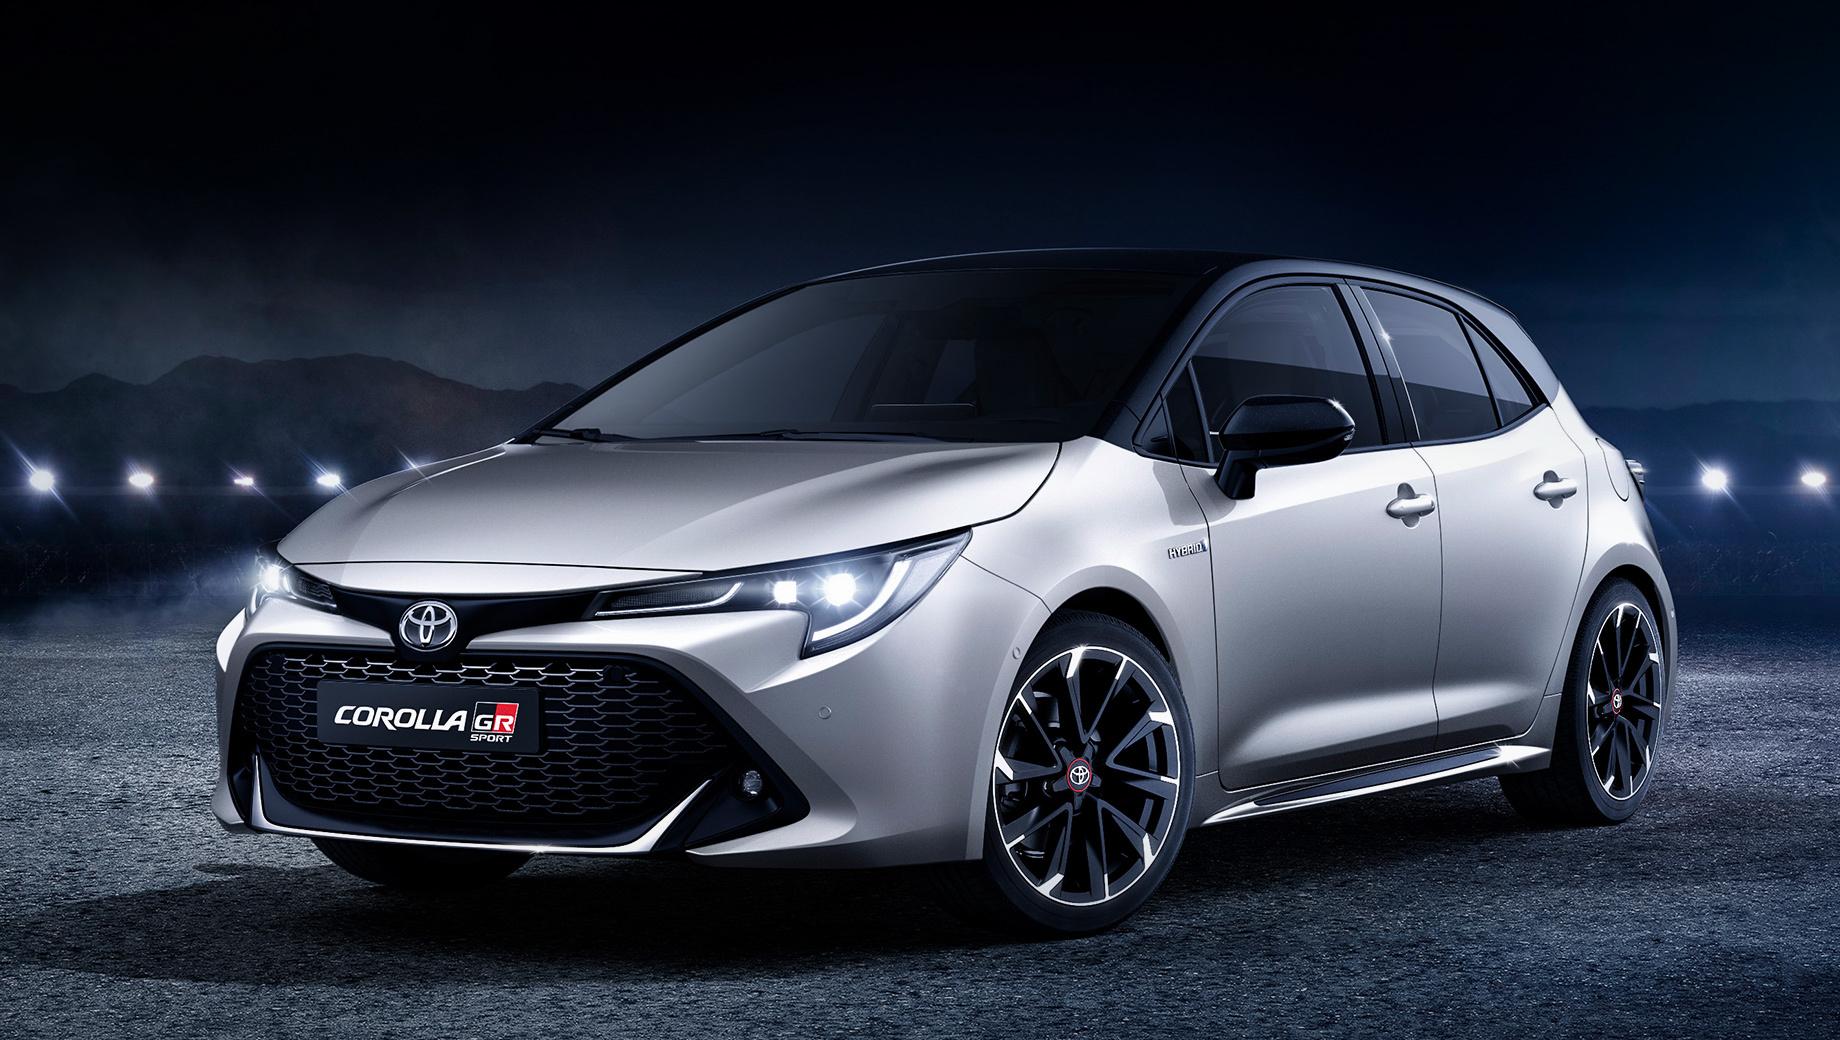 Toyota corolla,Toyota corolla gr. Пока самая спортивная Toyota Corolla на рынке доступна в исполнении GR Sport. По силовым агрегатам изменений никаких, но такие машины отличаются внешним декором, крупными колёсами и менее податливыми стабилизаторами поперечной устойчивости.